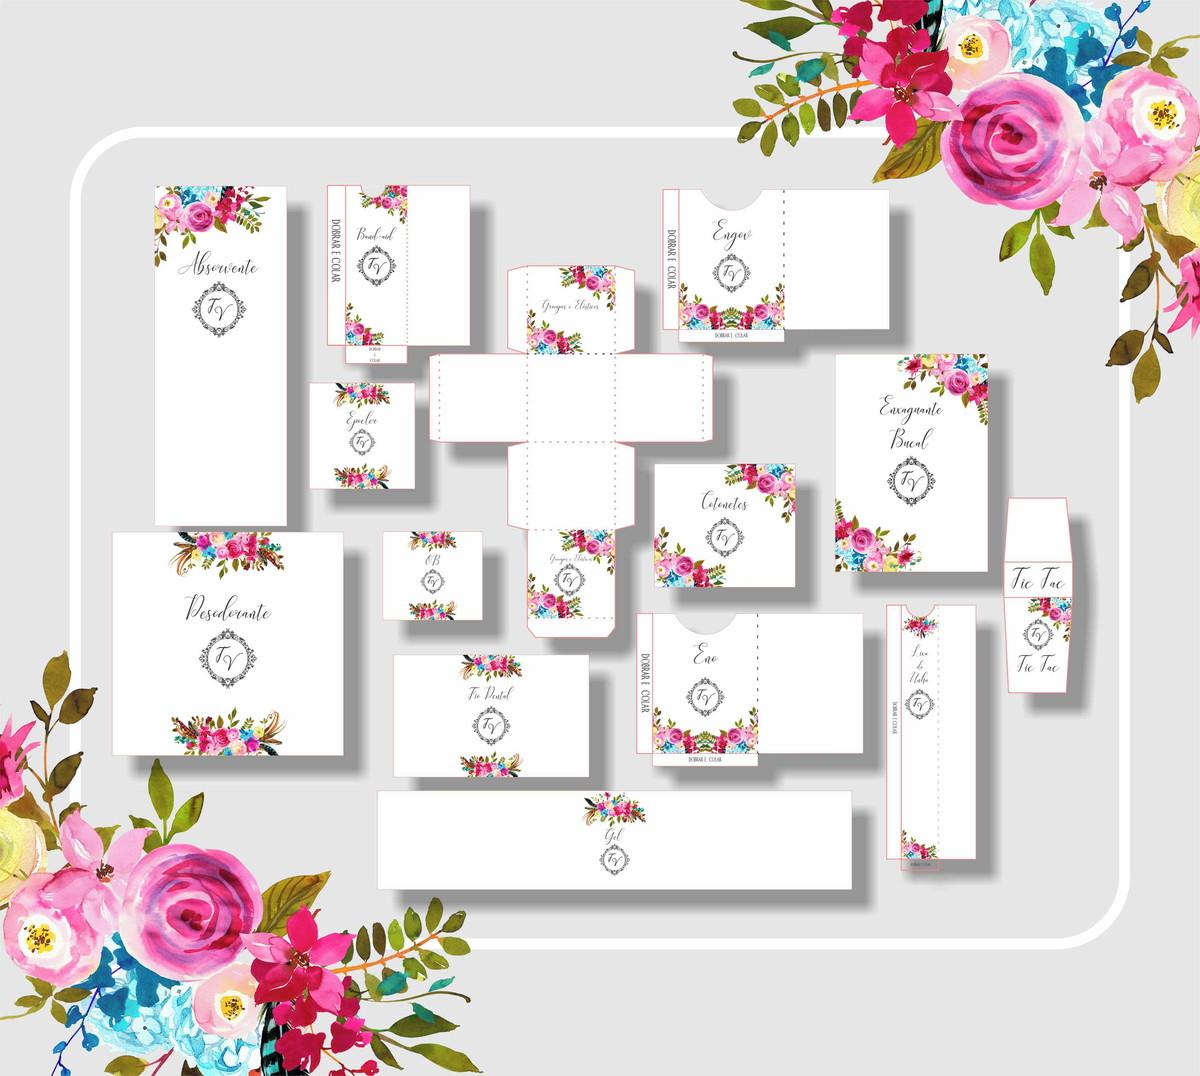 Kit Banheiro Casamento Digital Rosa No Elo7 Fe Franco Artes